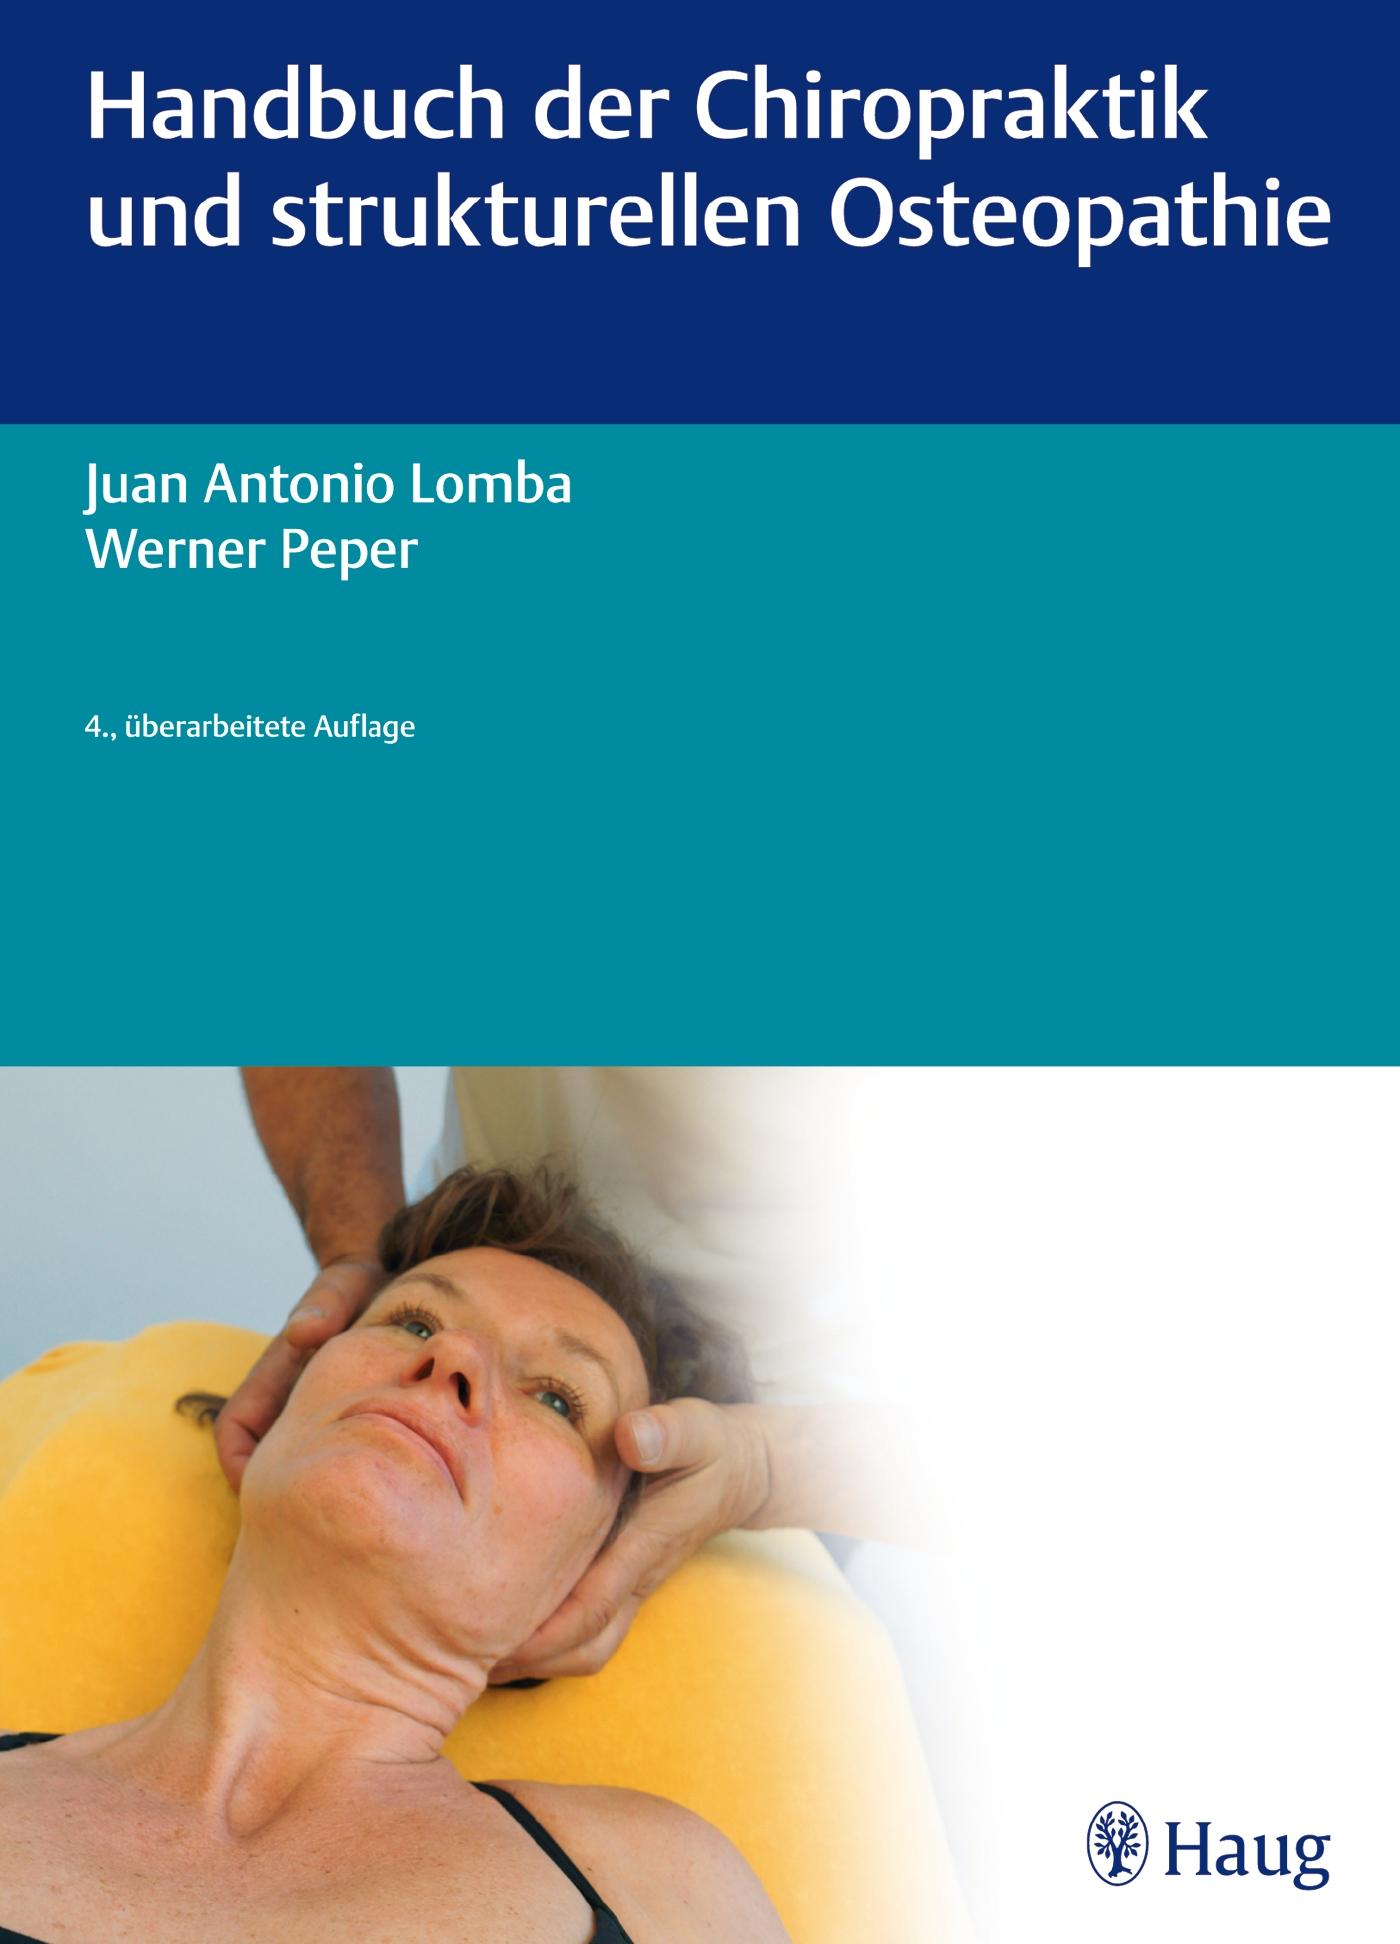 Handbuch der Chiropraktik und strukturellen Osteopathie